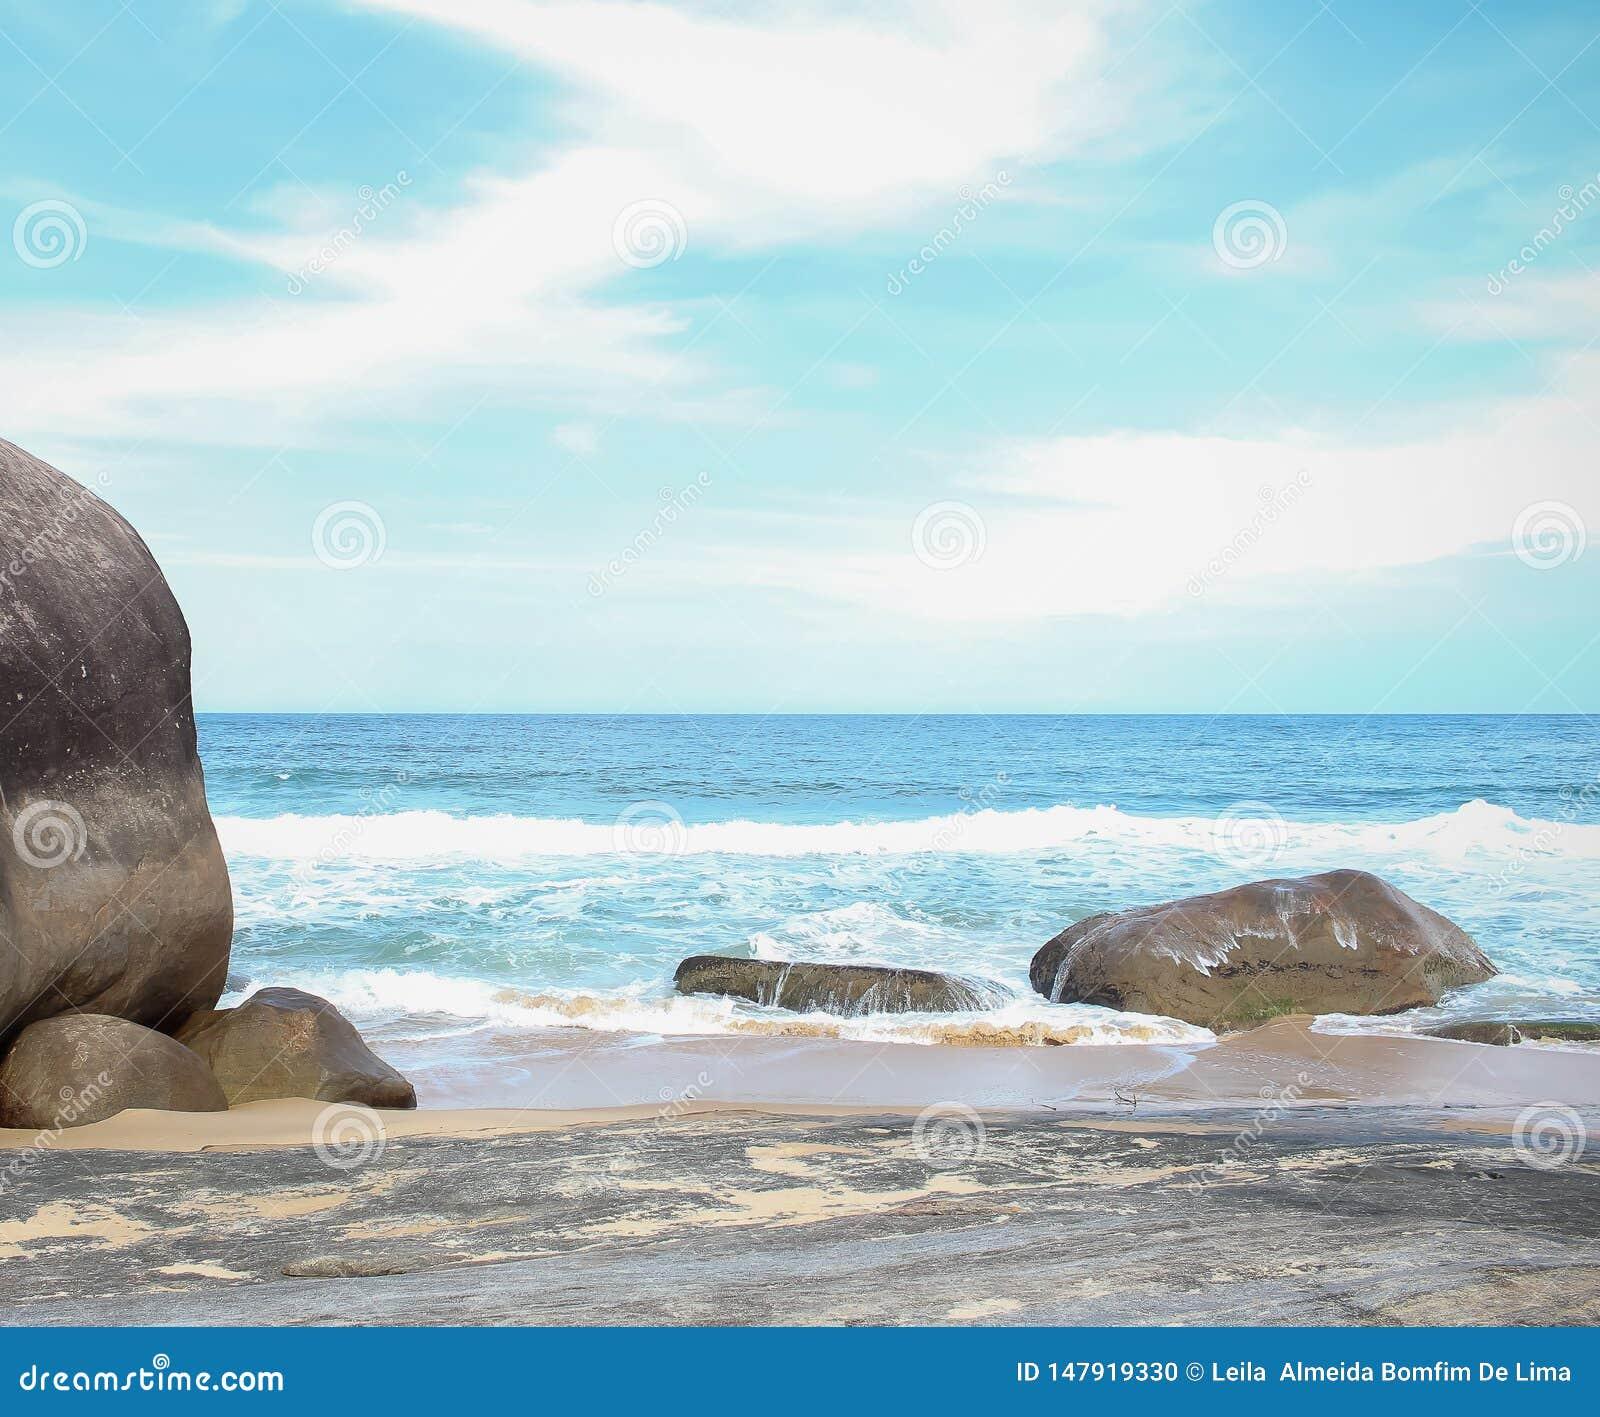 La grande pierre en mer